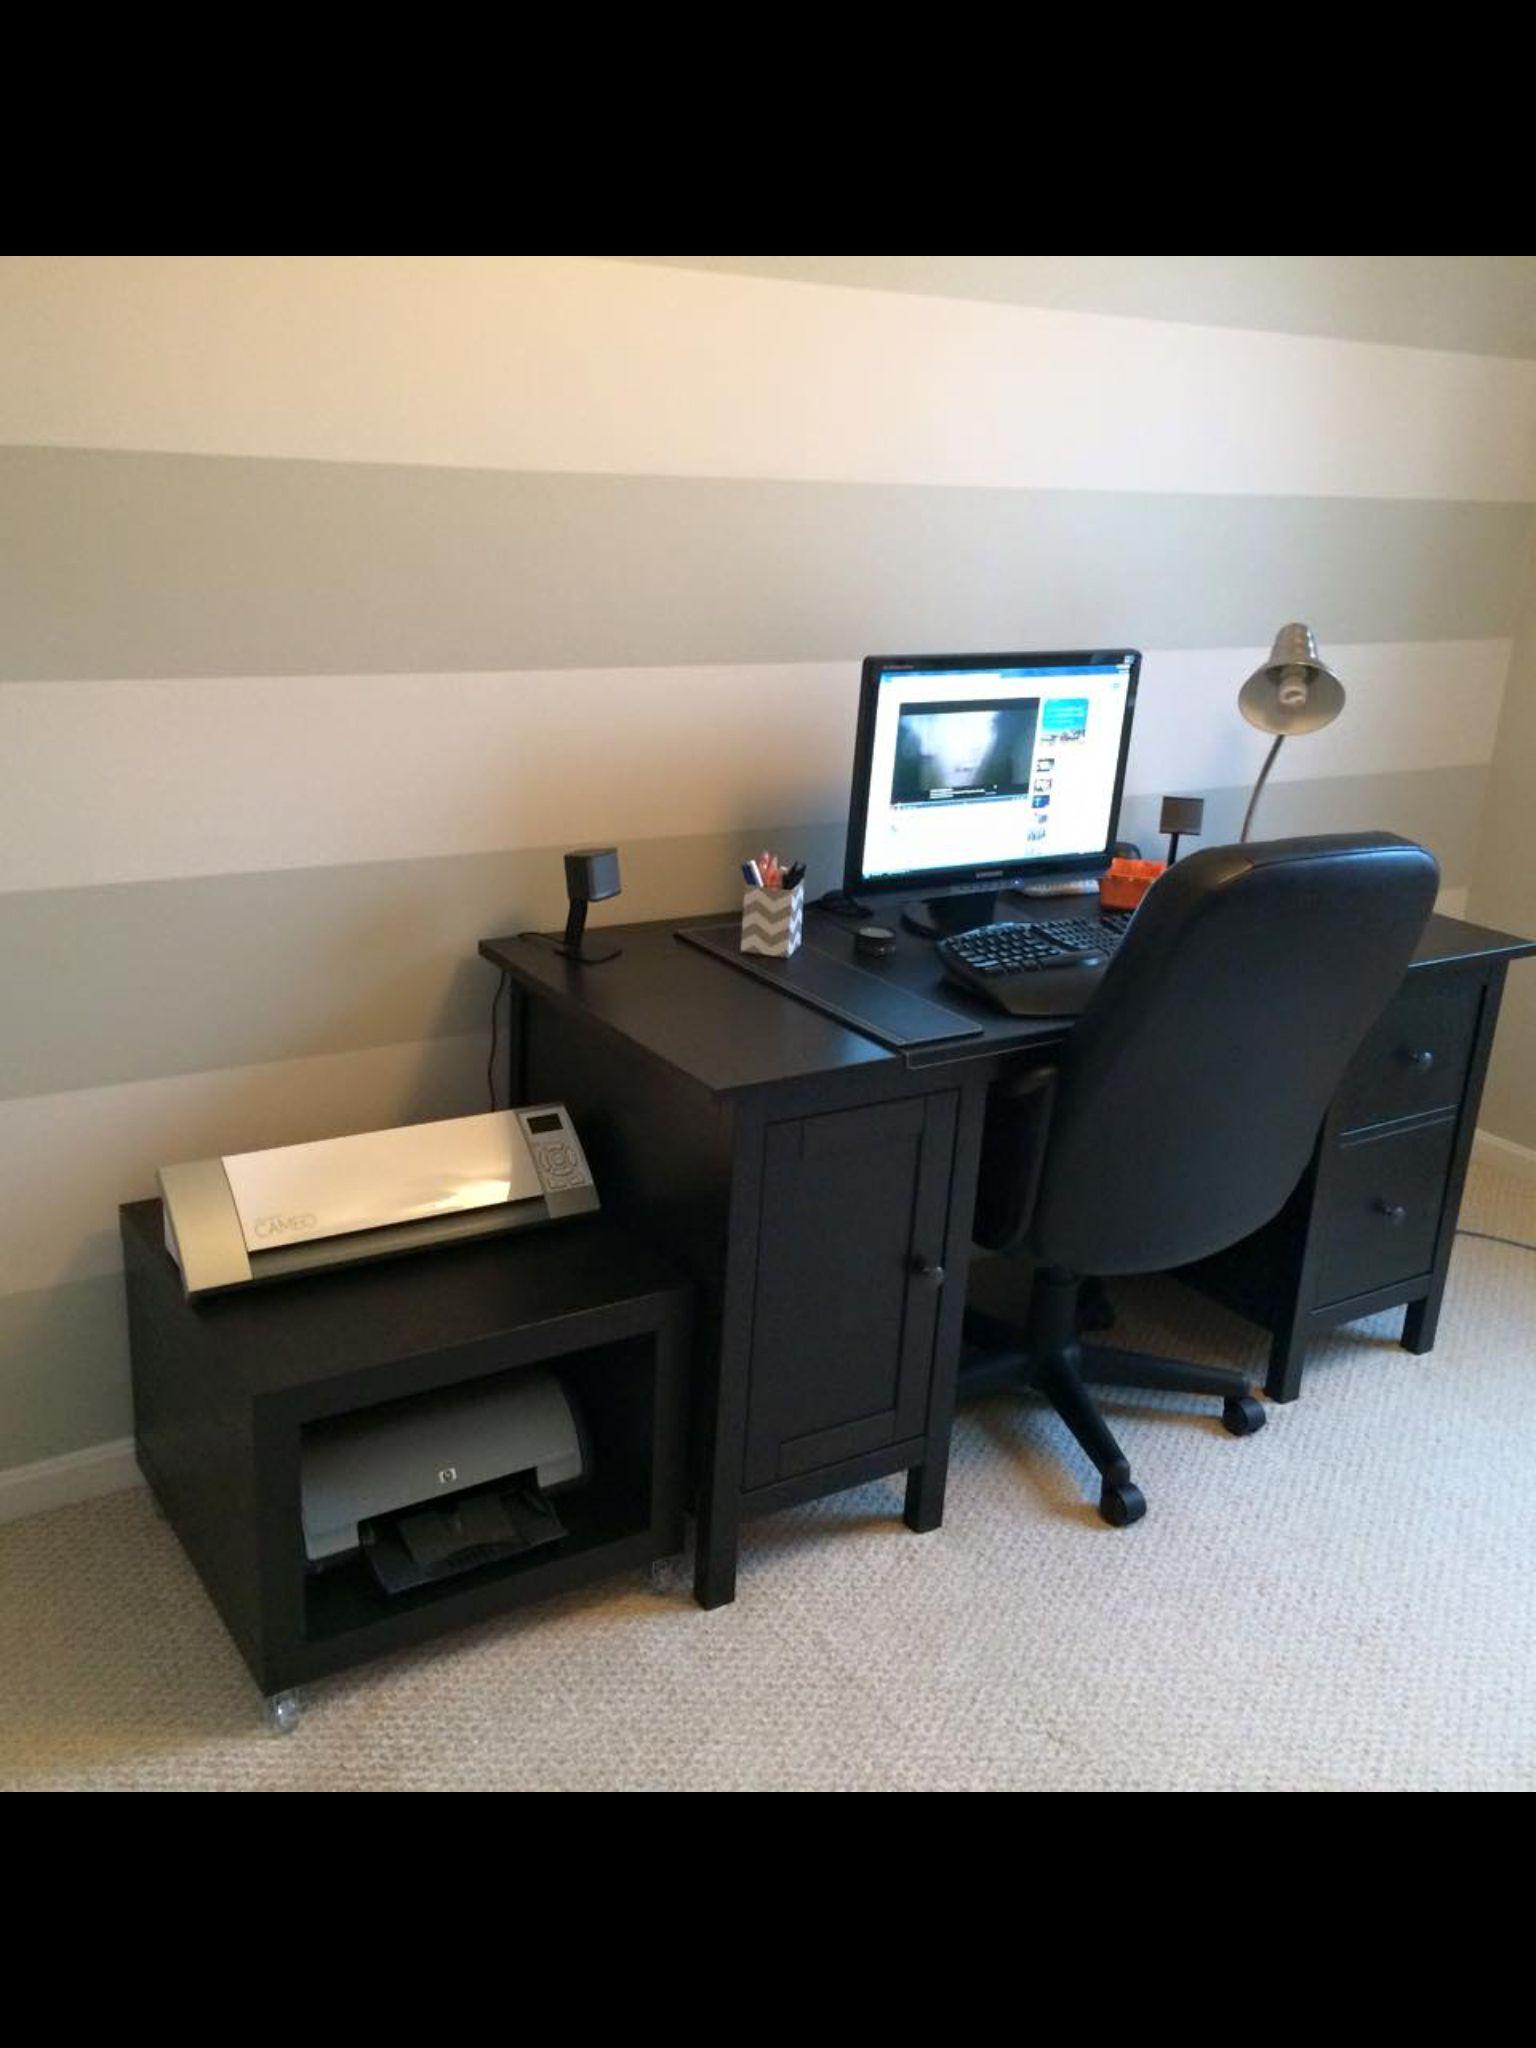 home office craft room ikea hemnes desk ikea lack side. Black Bedroom Furniture Sets. Home Design Ideas